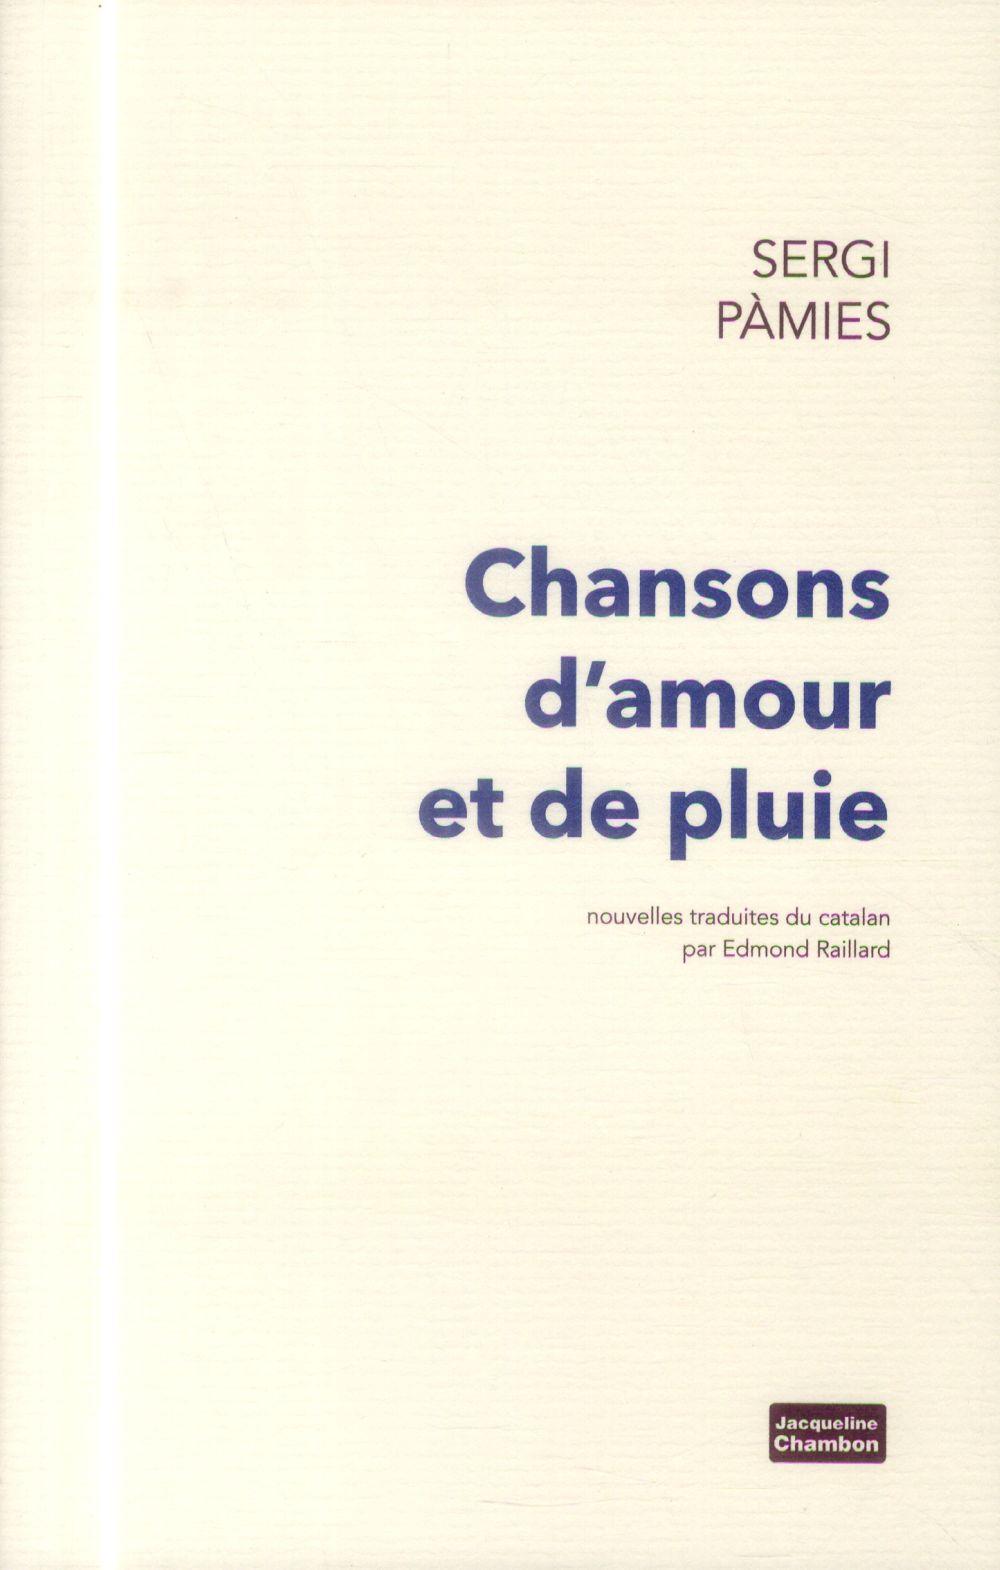 CHANSONS D'AMOUR ET DE PLUIE